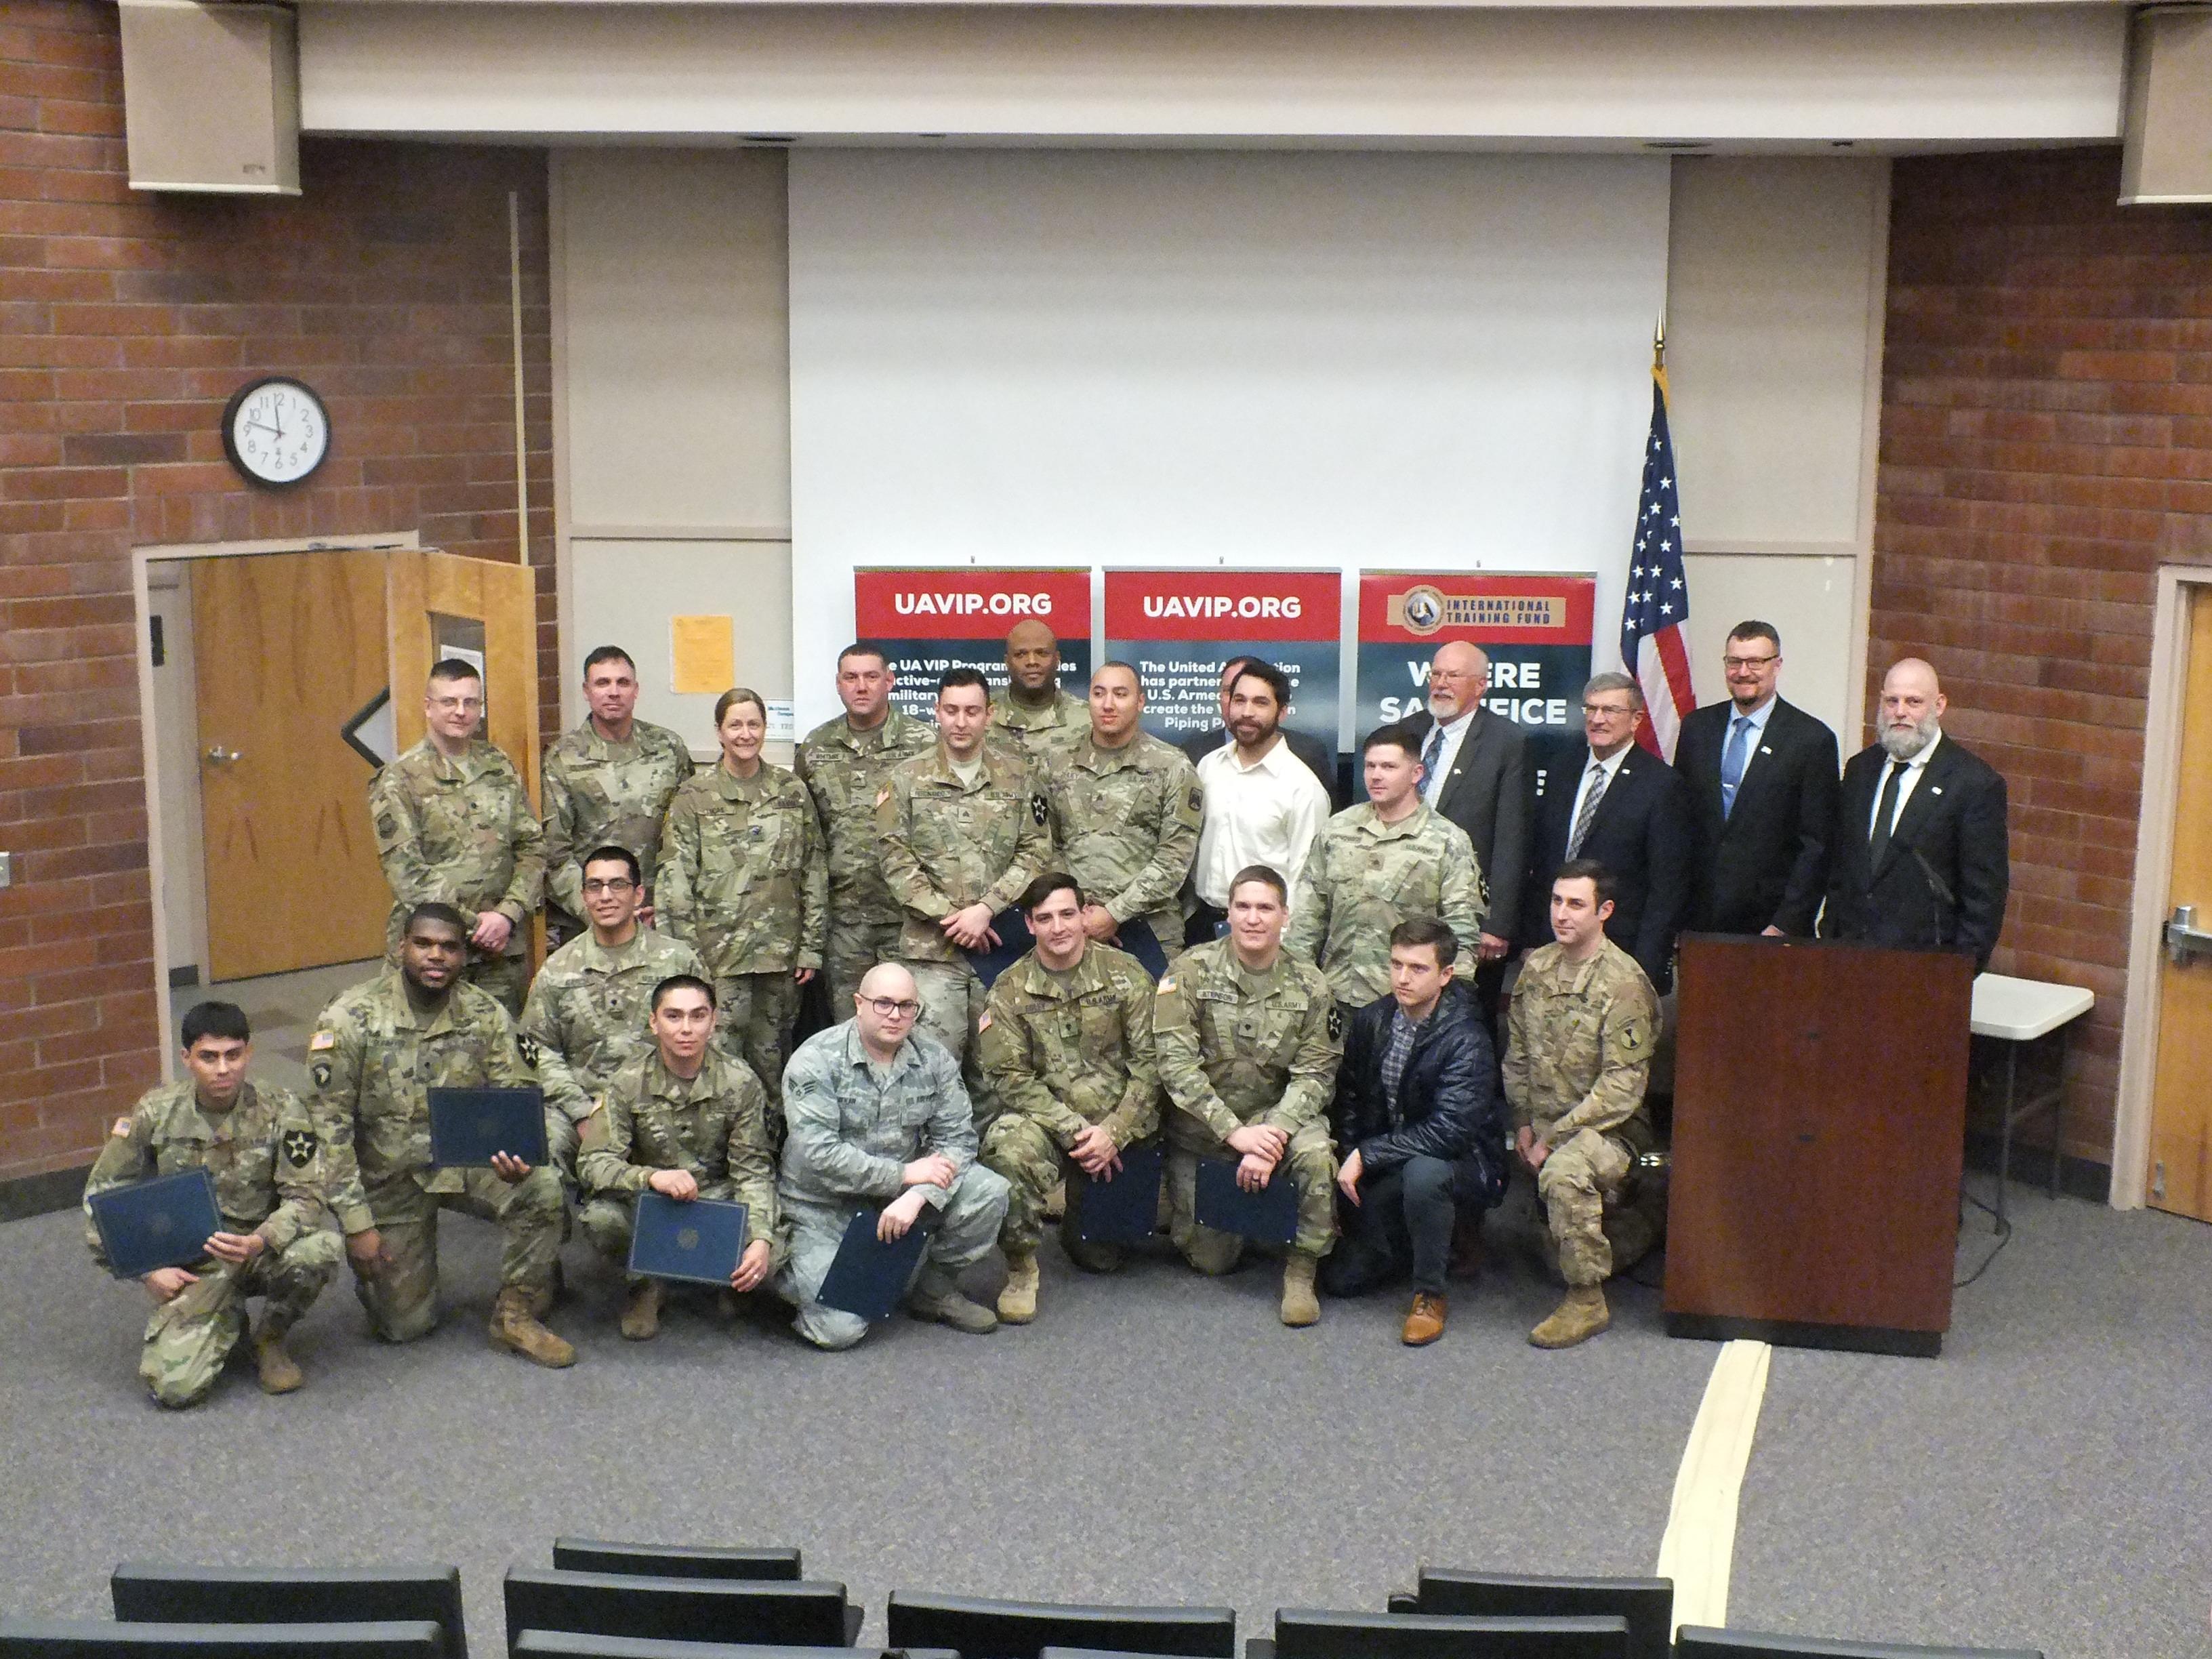 United Association Veterans in Piping JBLM VIP Graduation